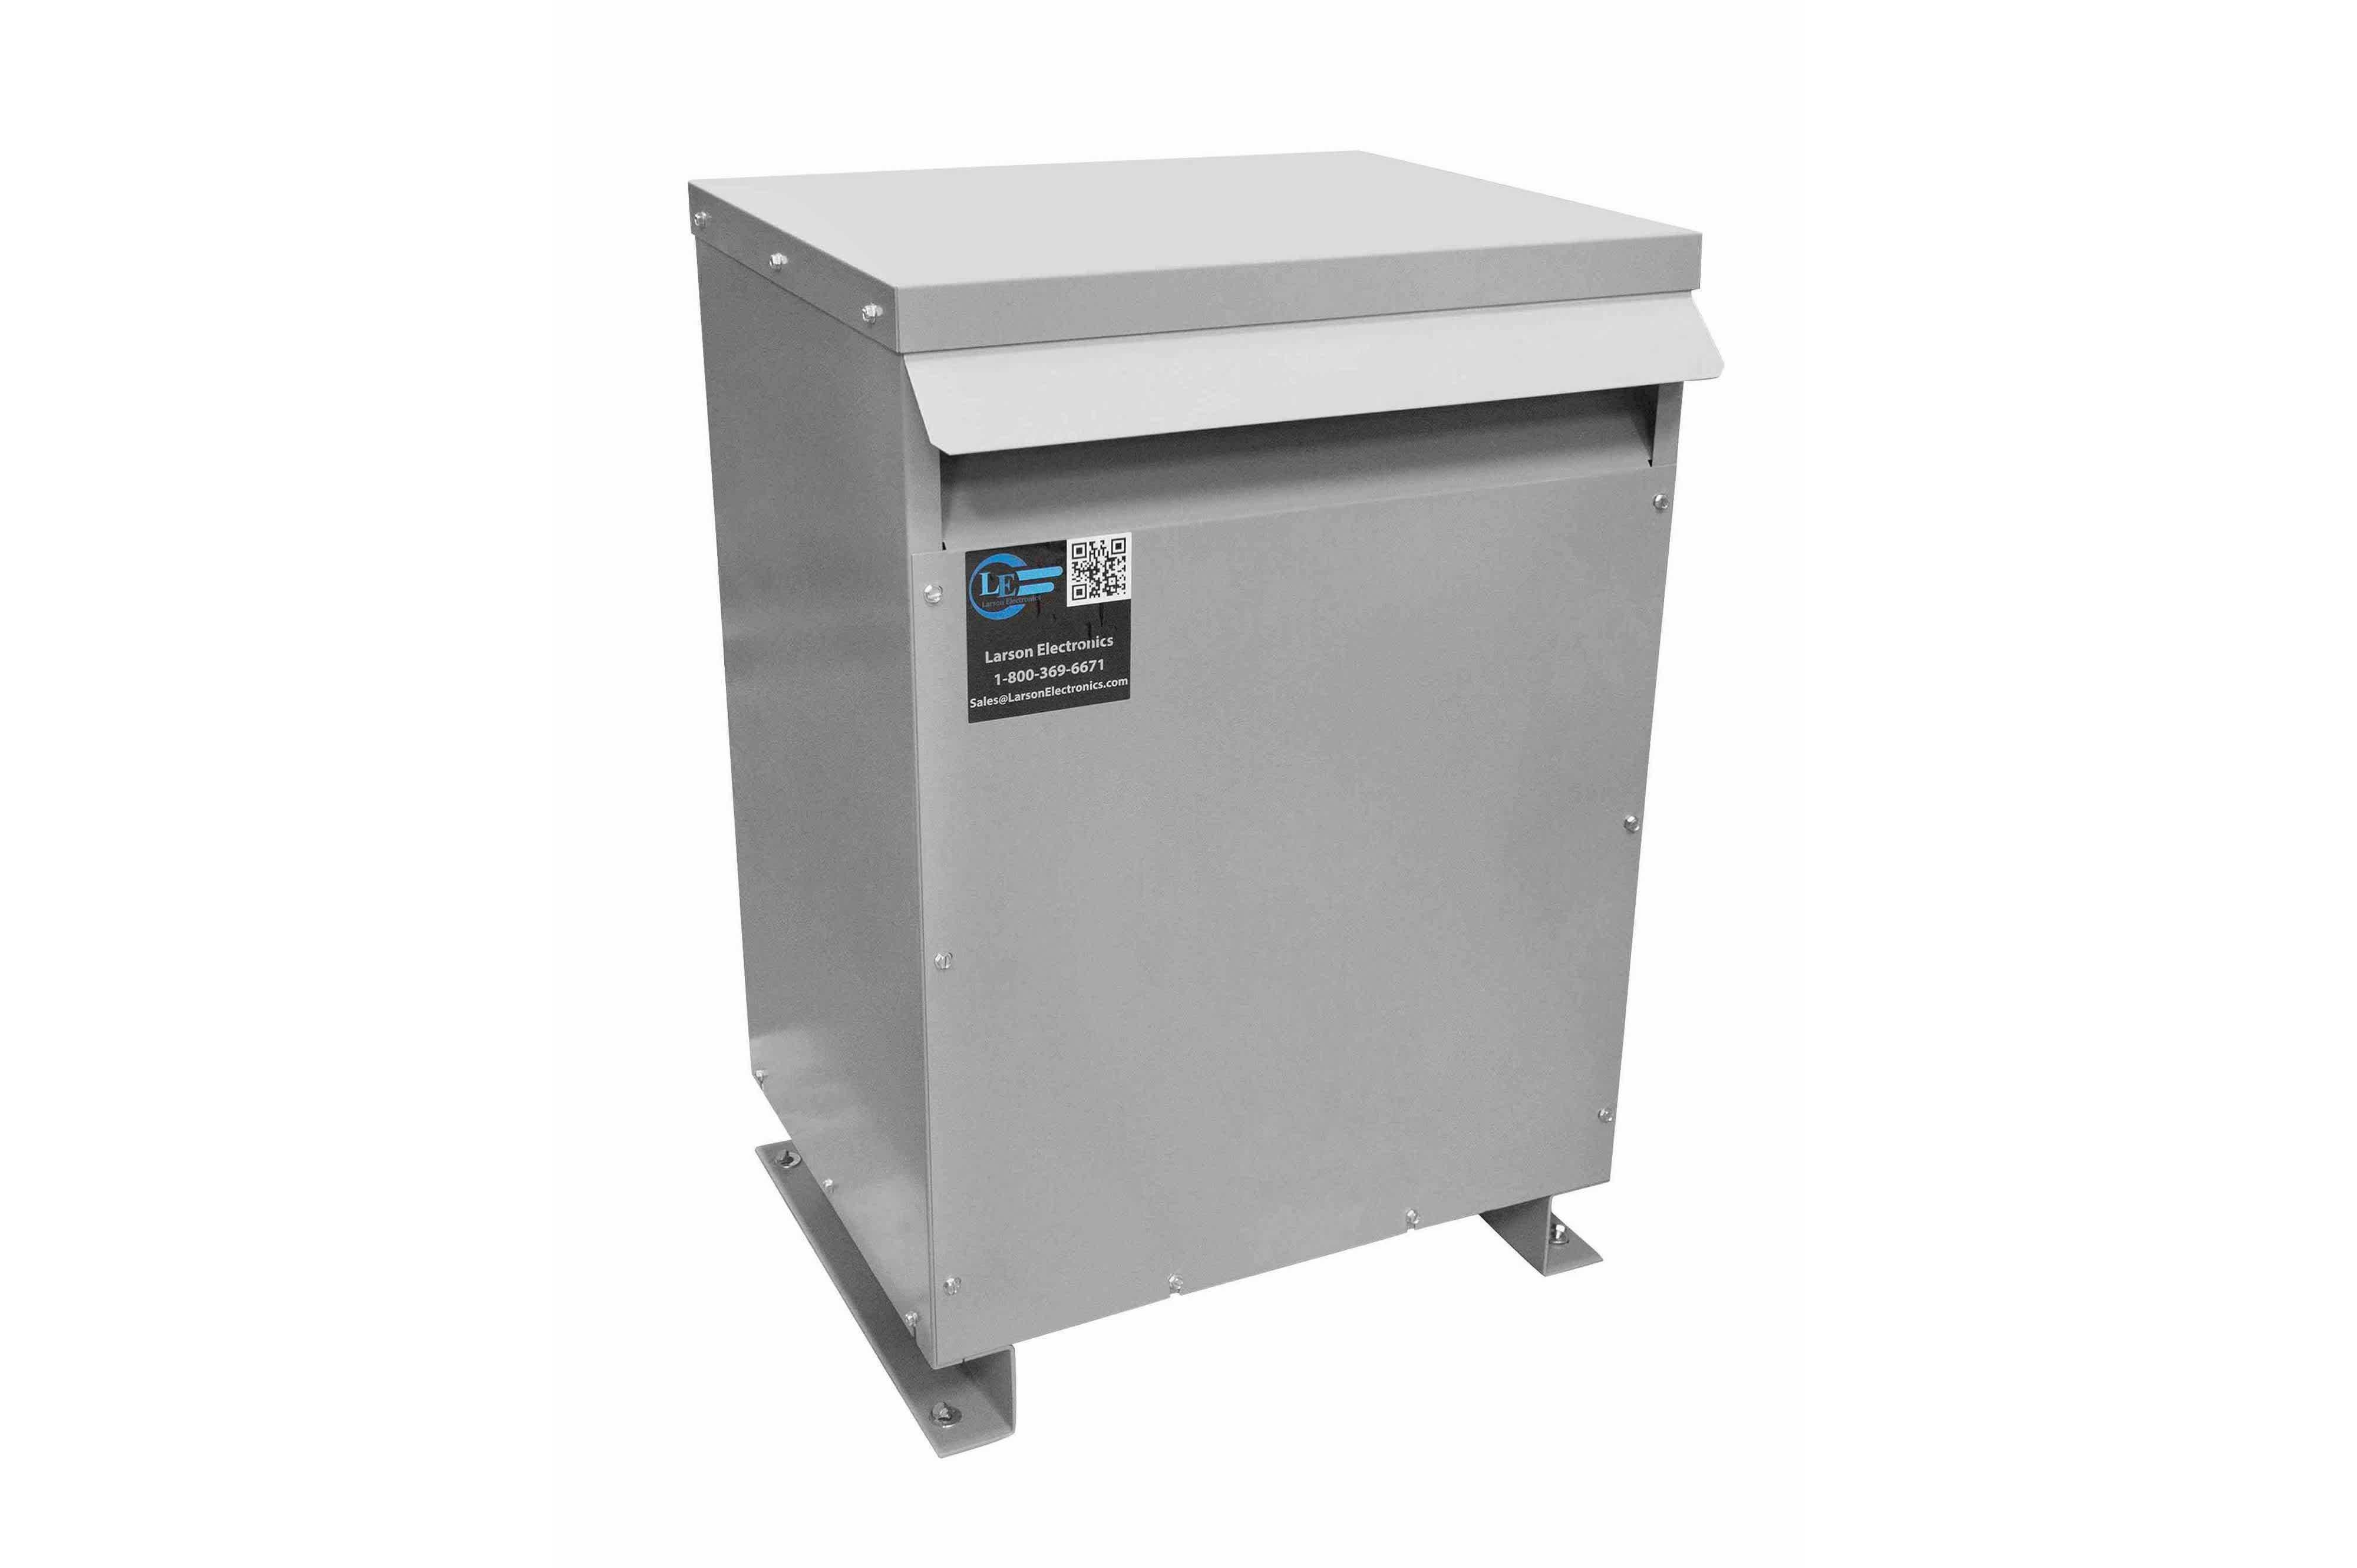 50 kVA 3PH Isolation Transformer, 240V Delta Primary, 208V Delta Secondary, N3R, Ventilated, 60 Hz